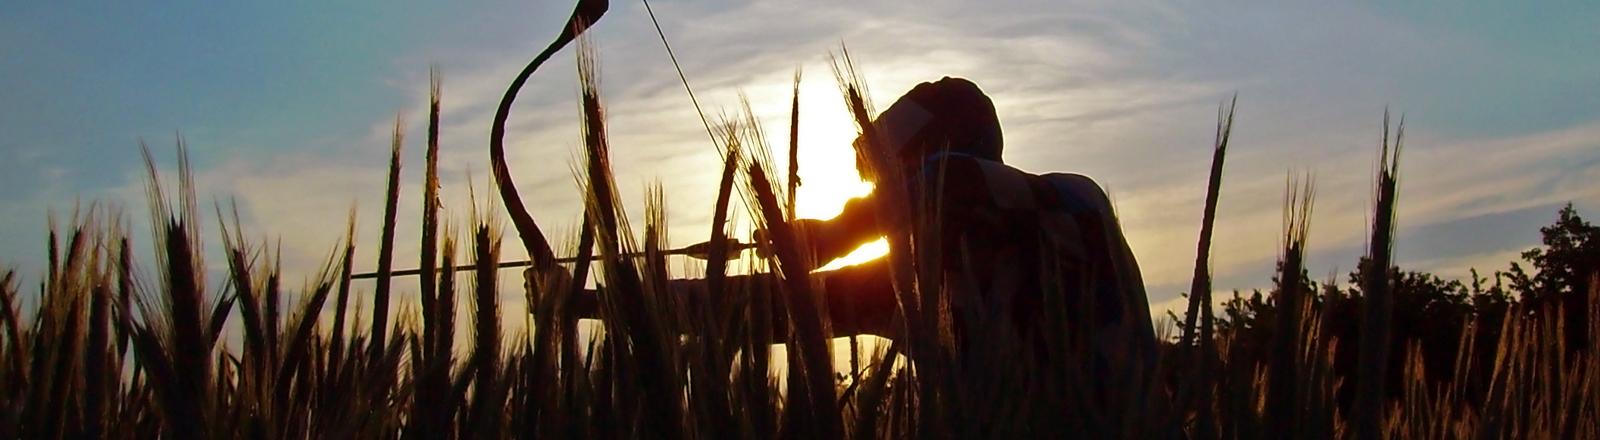 Ein Mann pirscht sich durch ein Getreidefeld mit Pfeil und Bogen in der Hand.